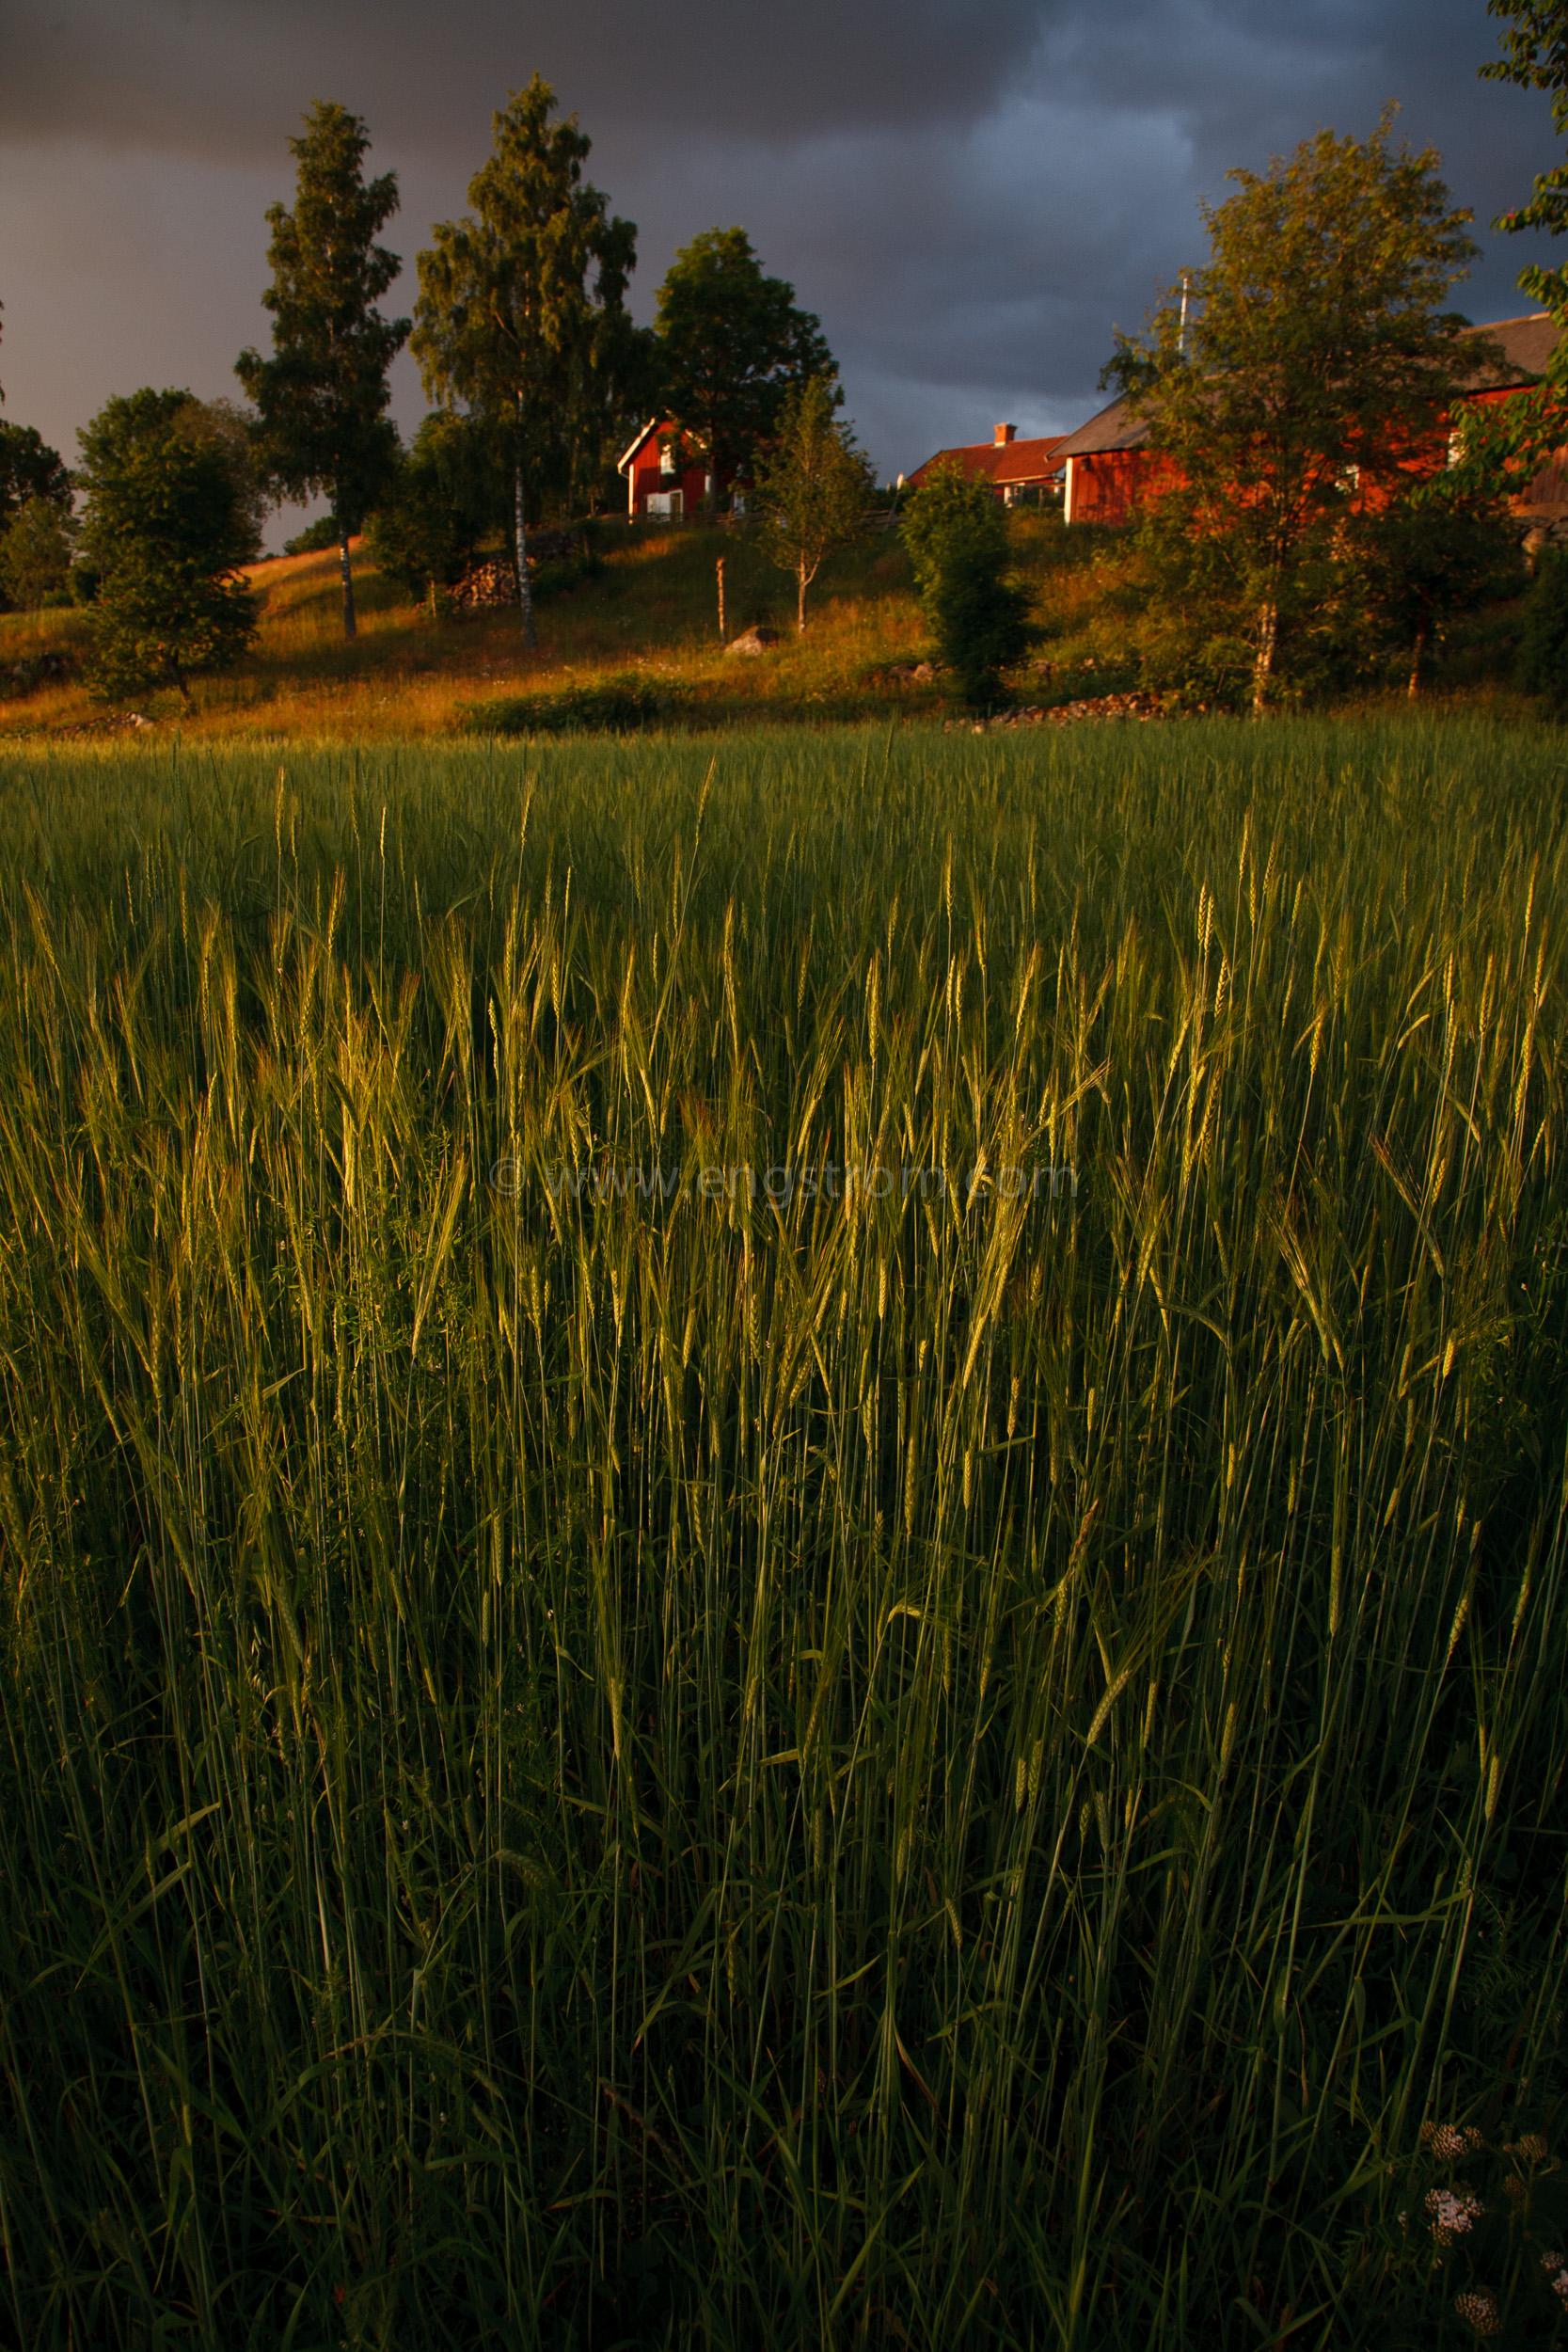 JE_20110707-201353, Korn med gård i bakgrunden, Jonas Engström